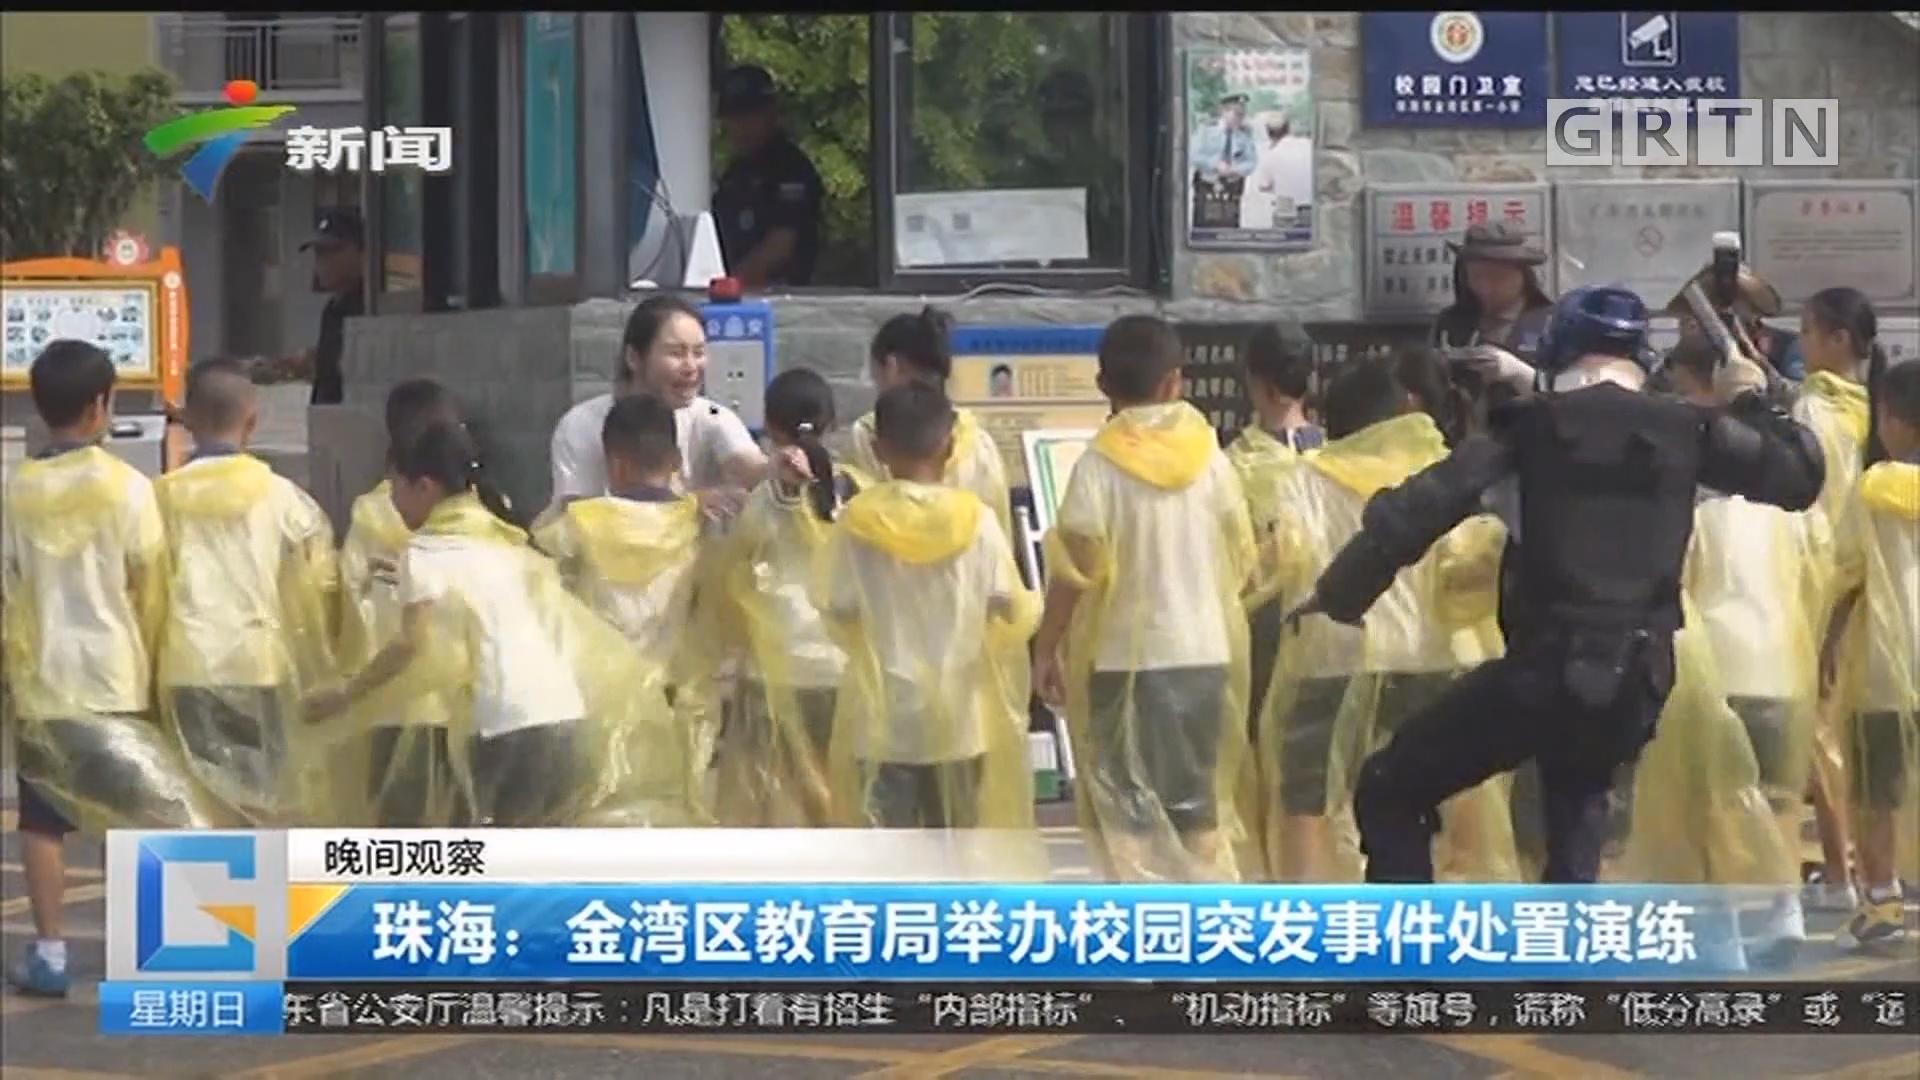 珠海:金湾区教育局举办校园突发事件处置演练